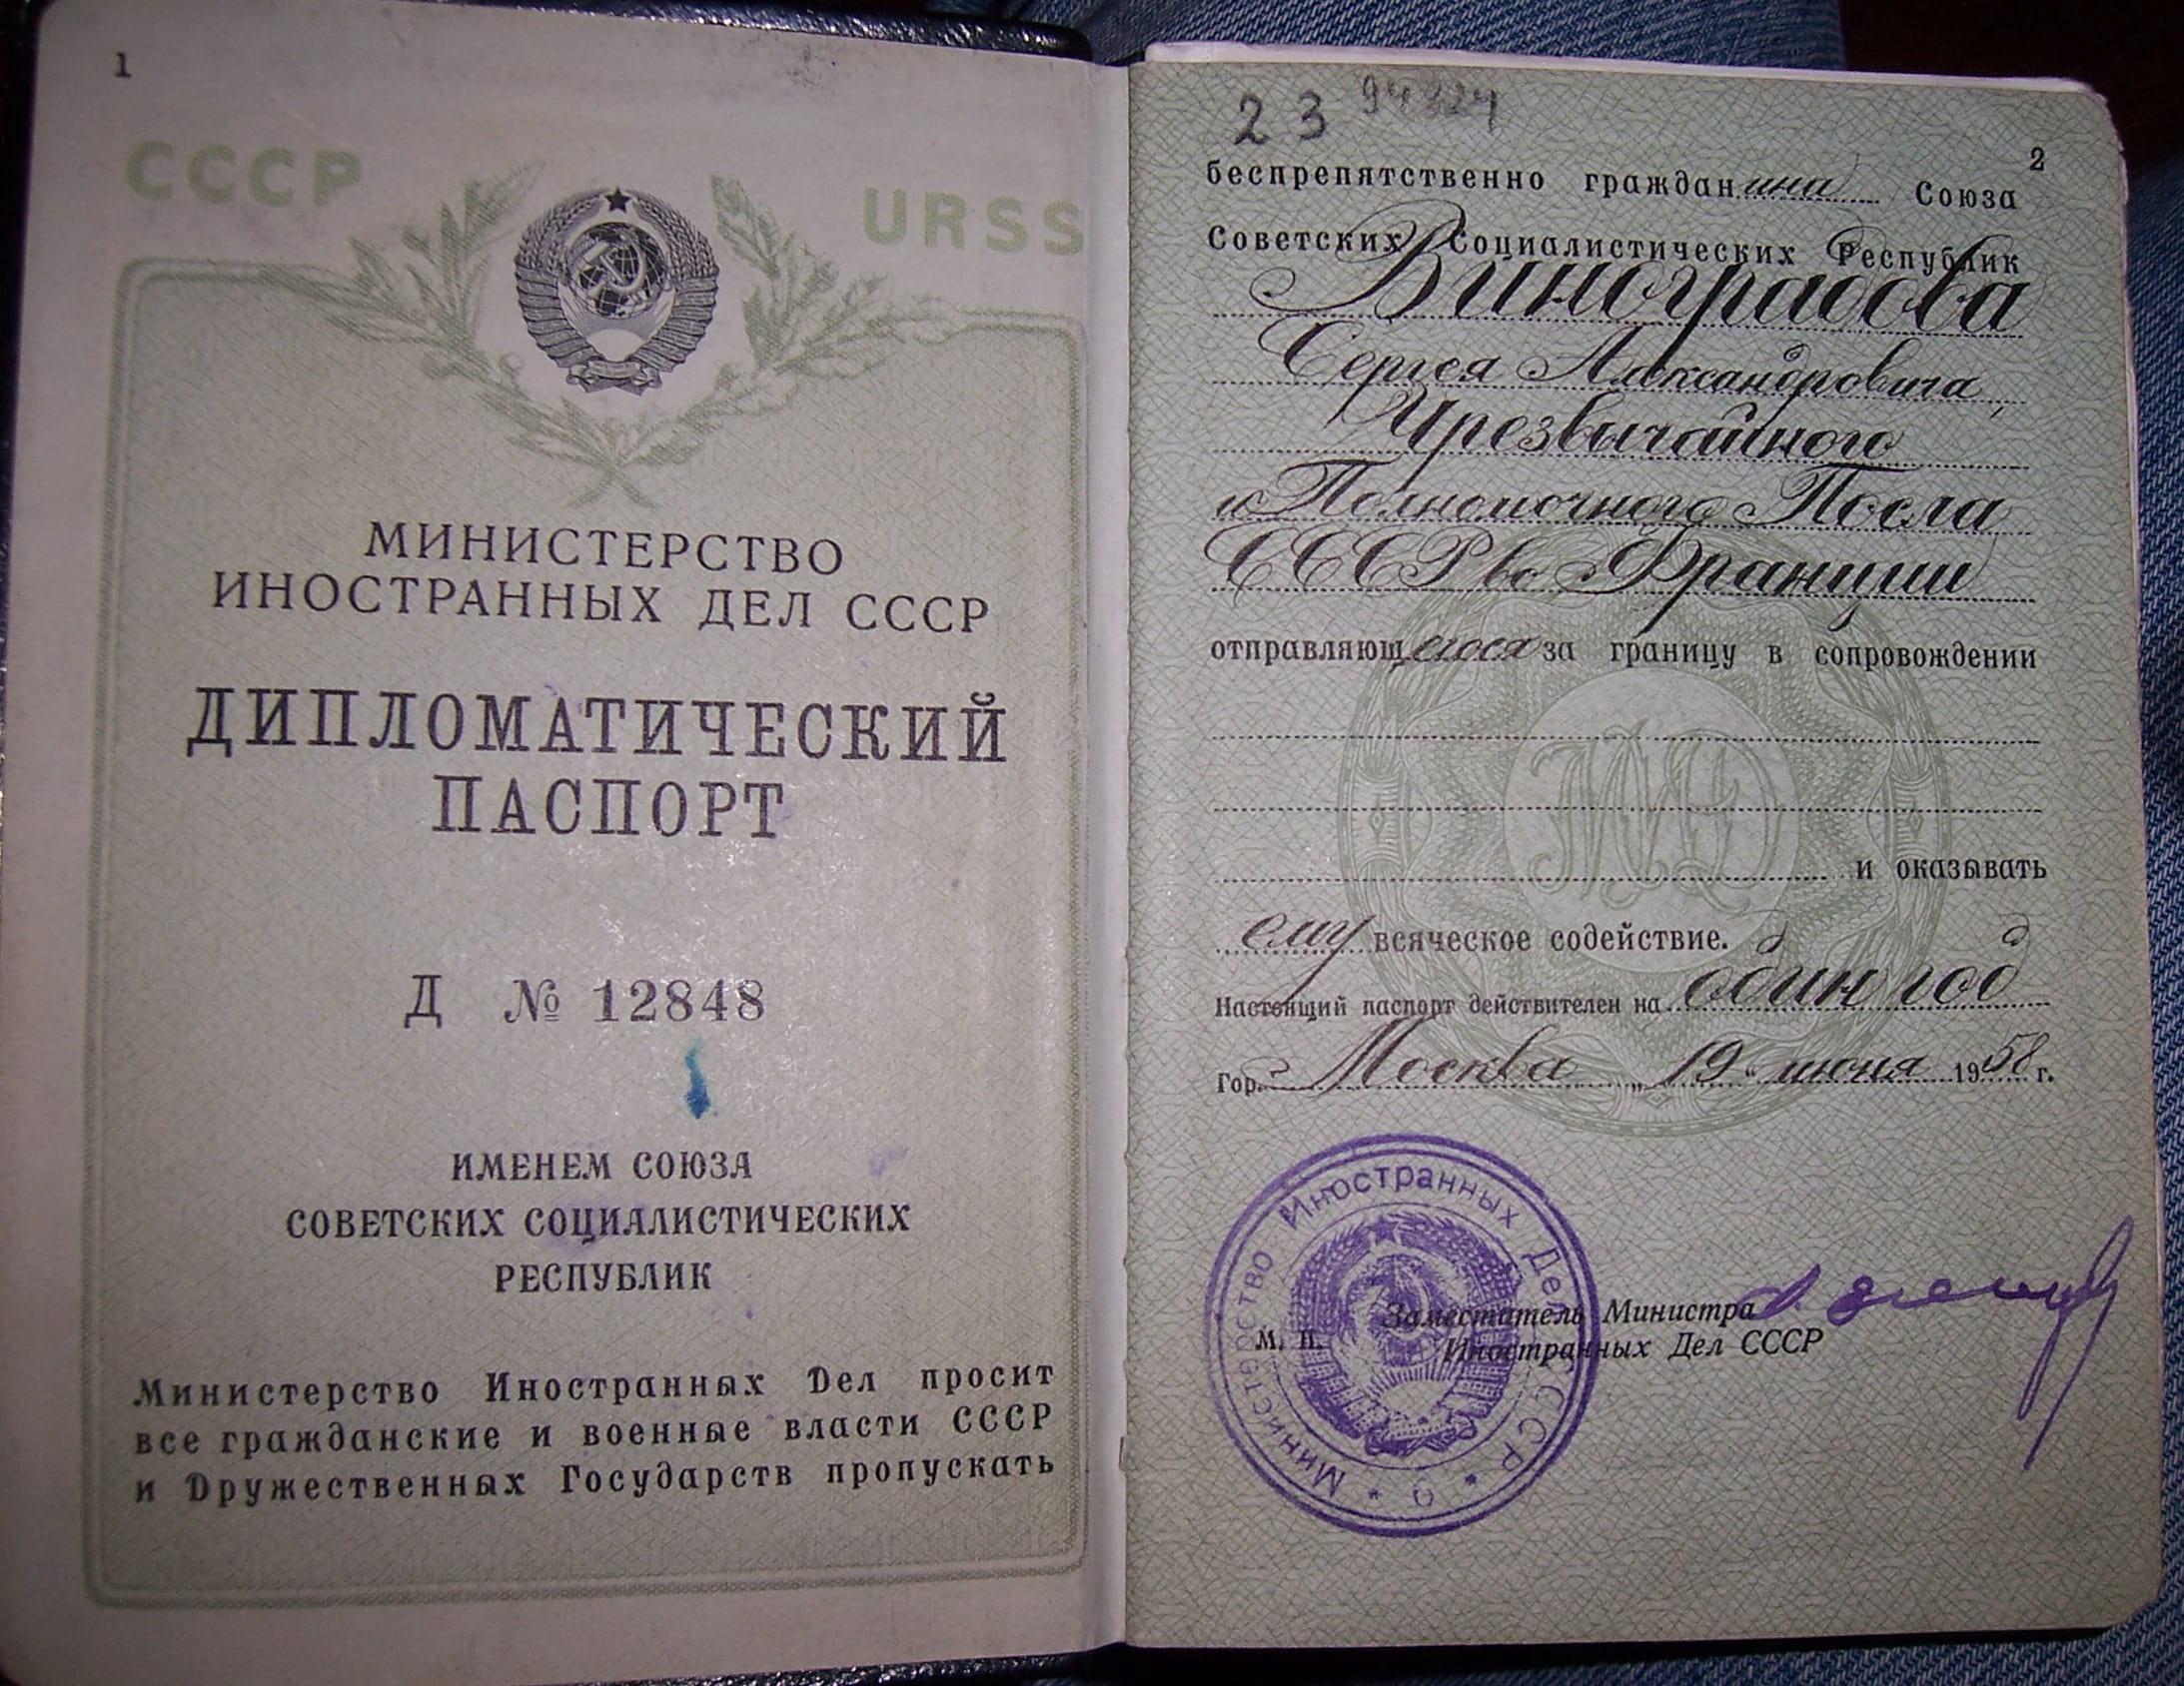 страницы дипломатического паспорта